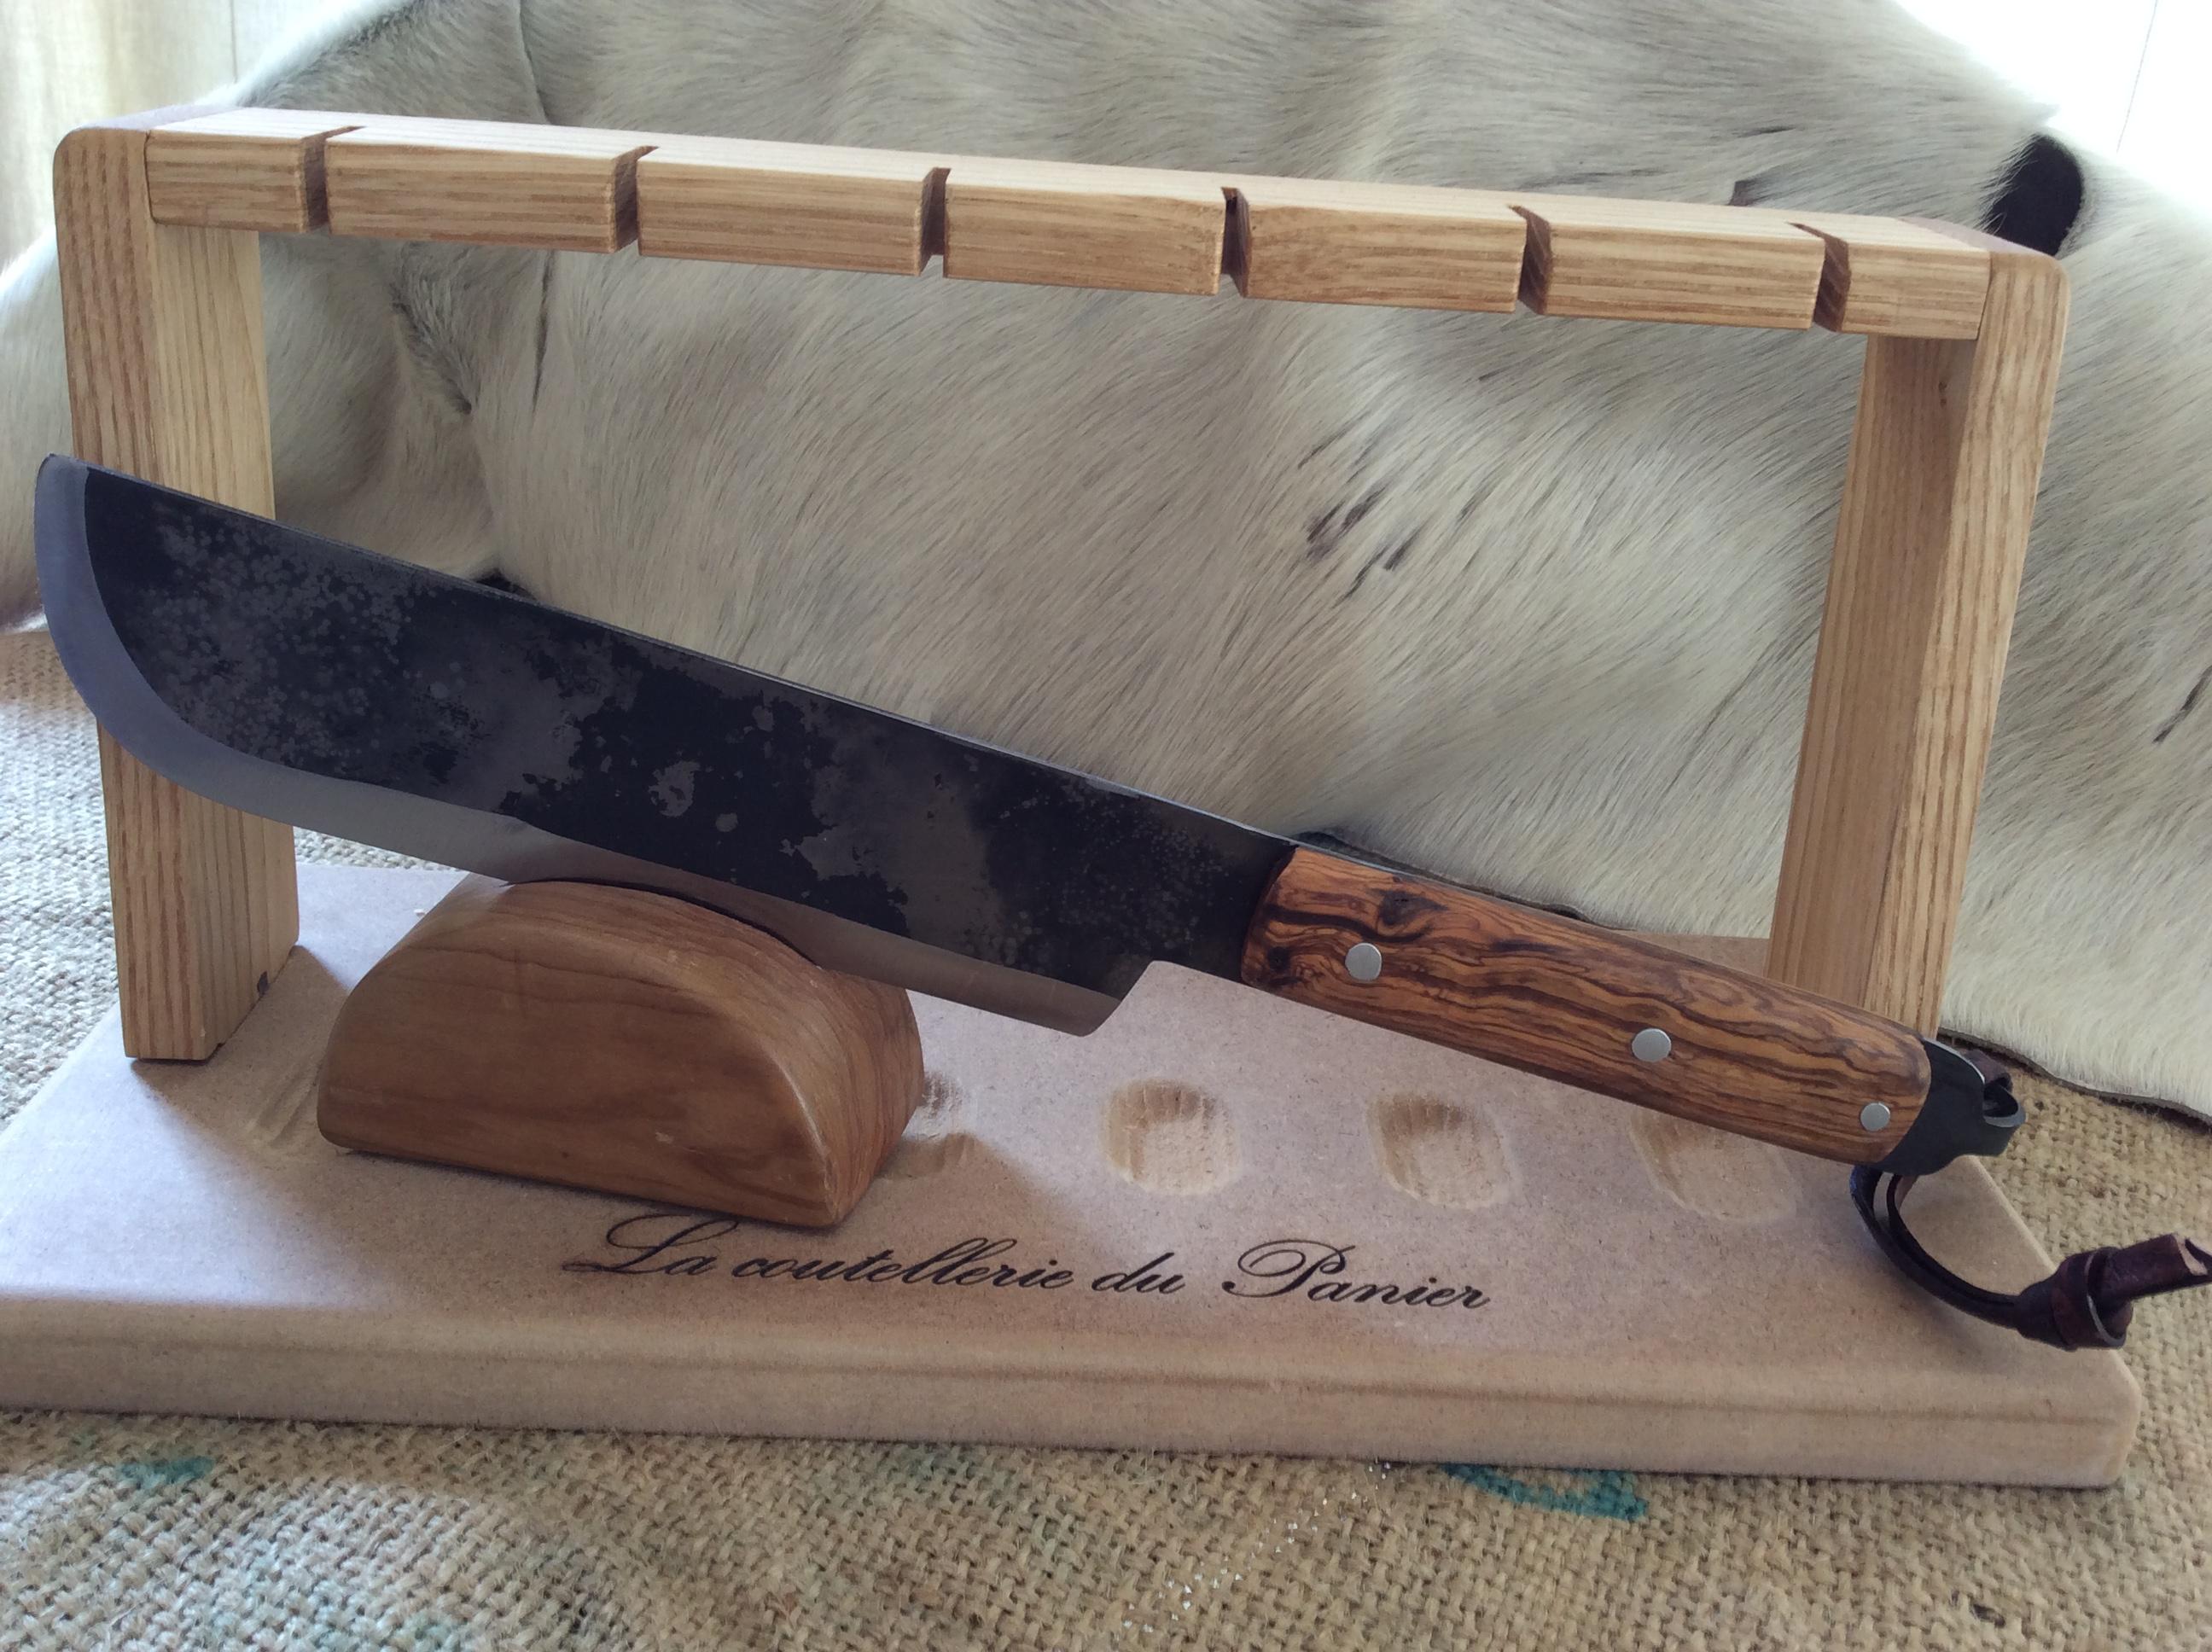 Couteau de Cuisine Ref C 0420/03